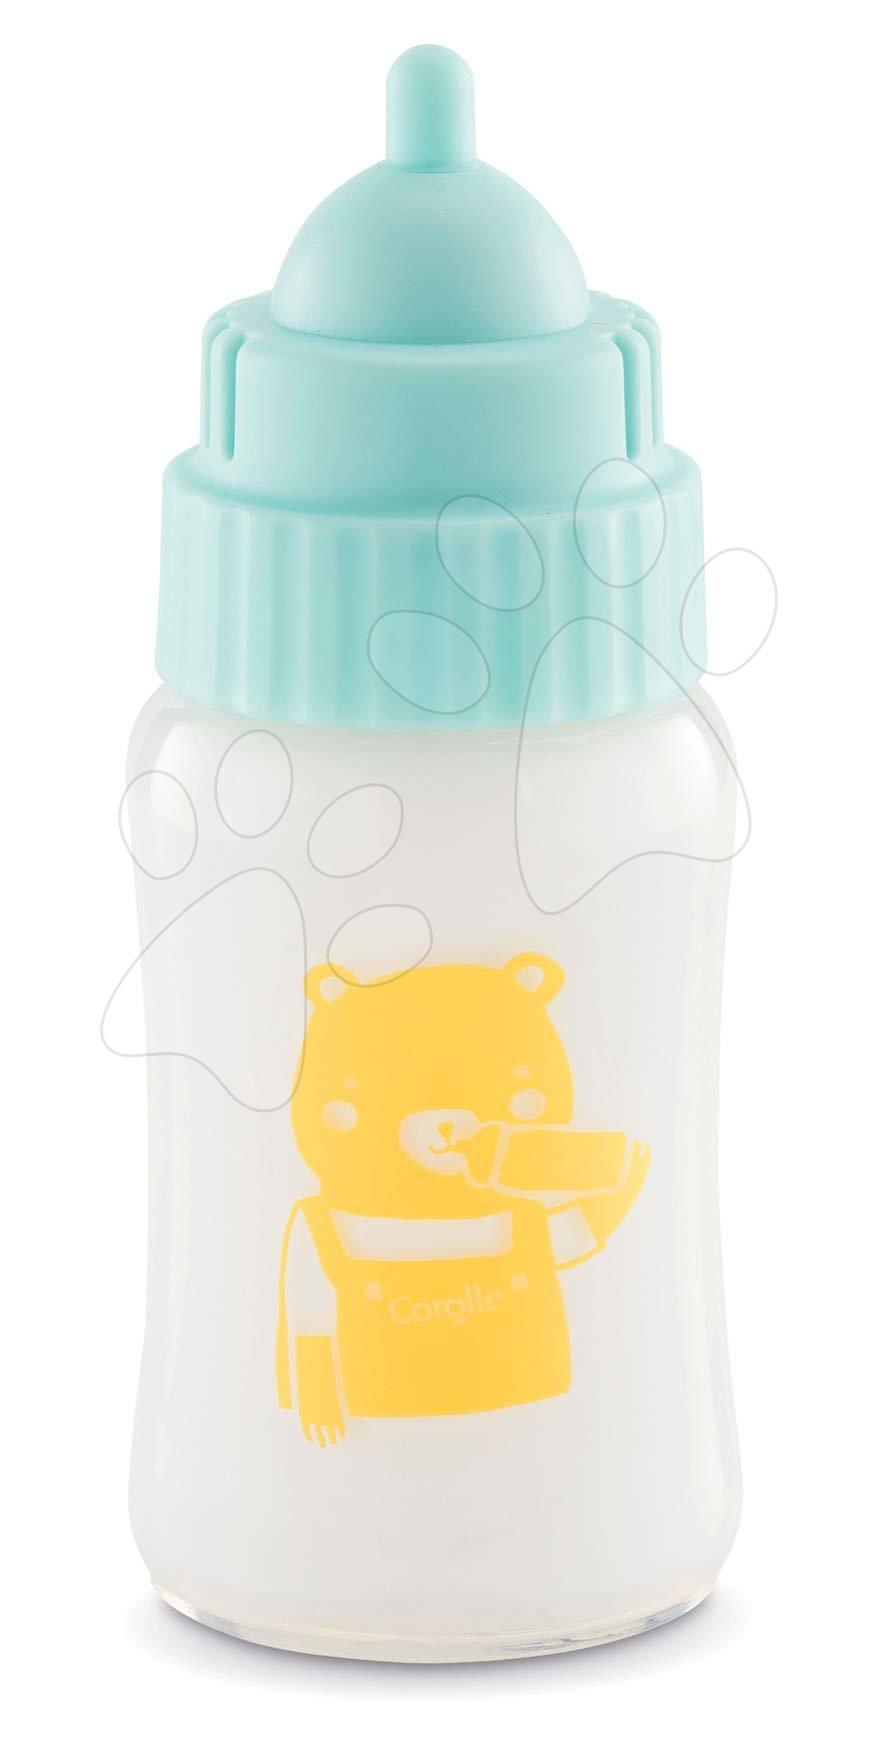 Steklenička z mlekom in zvokom Milk Bottle with Sound Mon Grand Poupon Corolle za 36-42 cm dojenčka od 3 leta